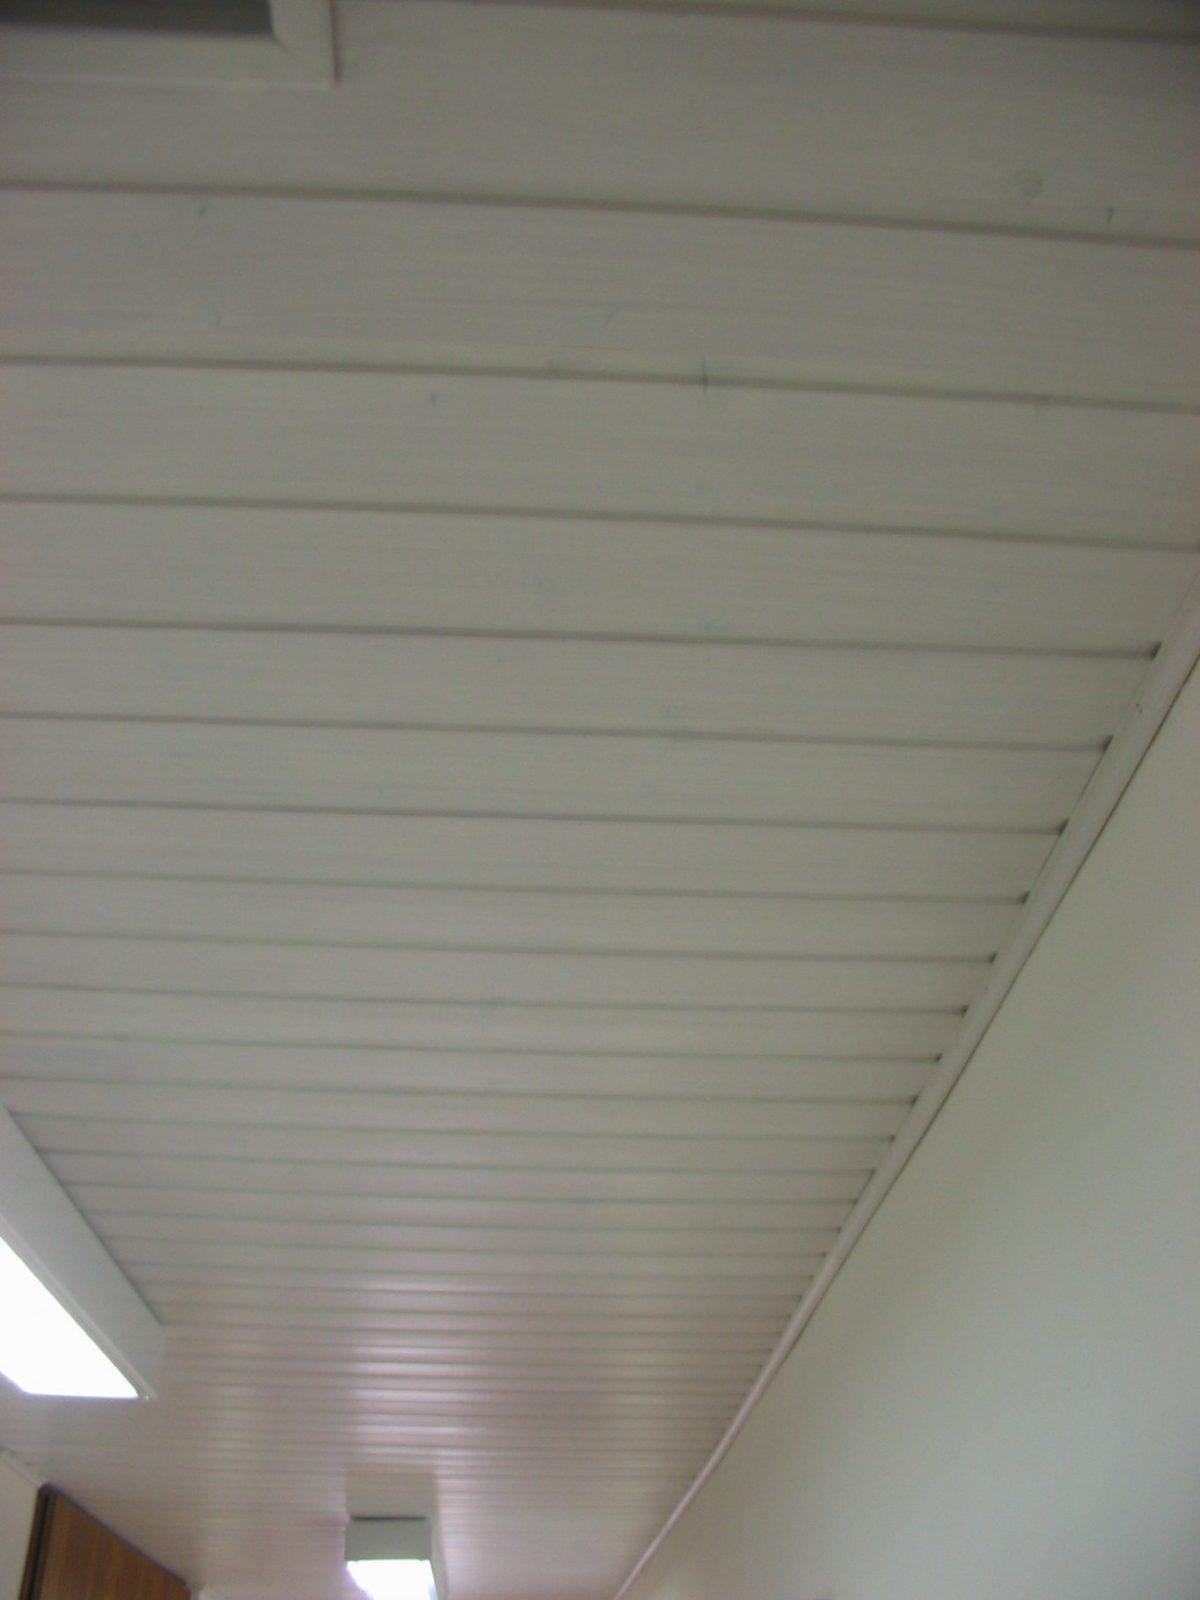 Lackierte Holzdecke Weiß Streichen – Ohne Abschleifen Möglich von Holzdecke Mit Wandfarbe Streichen Photo